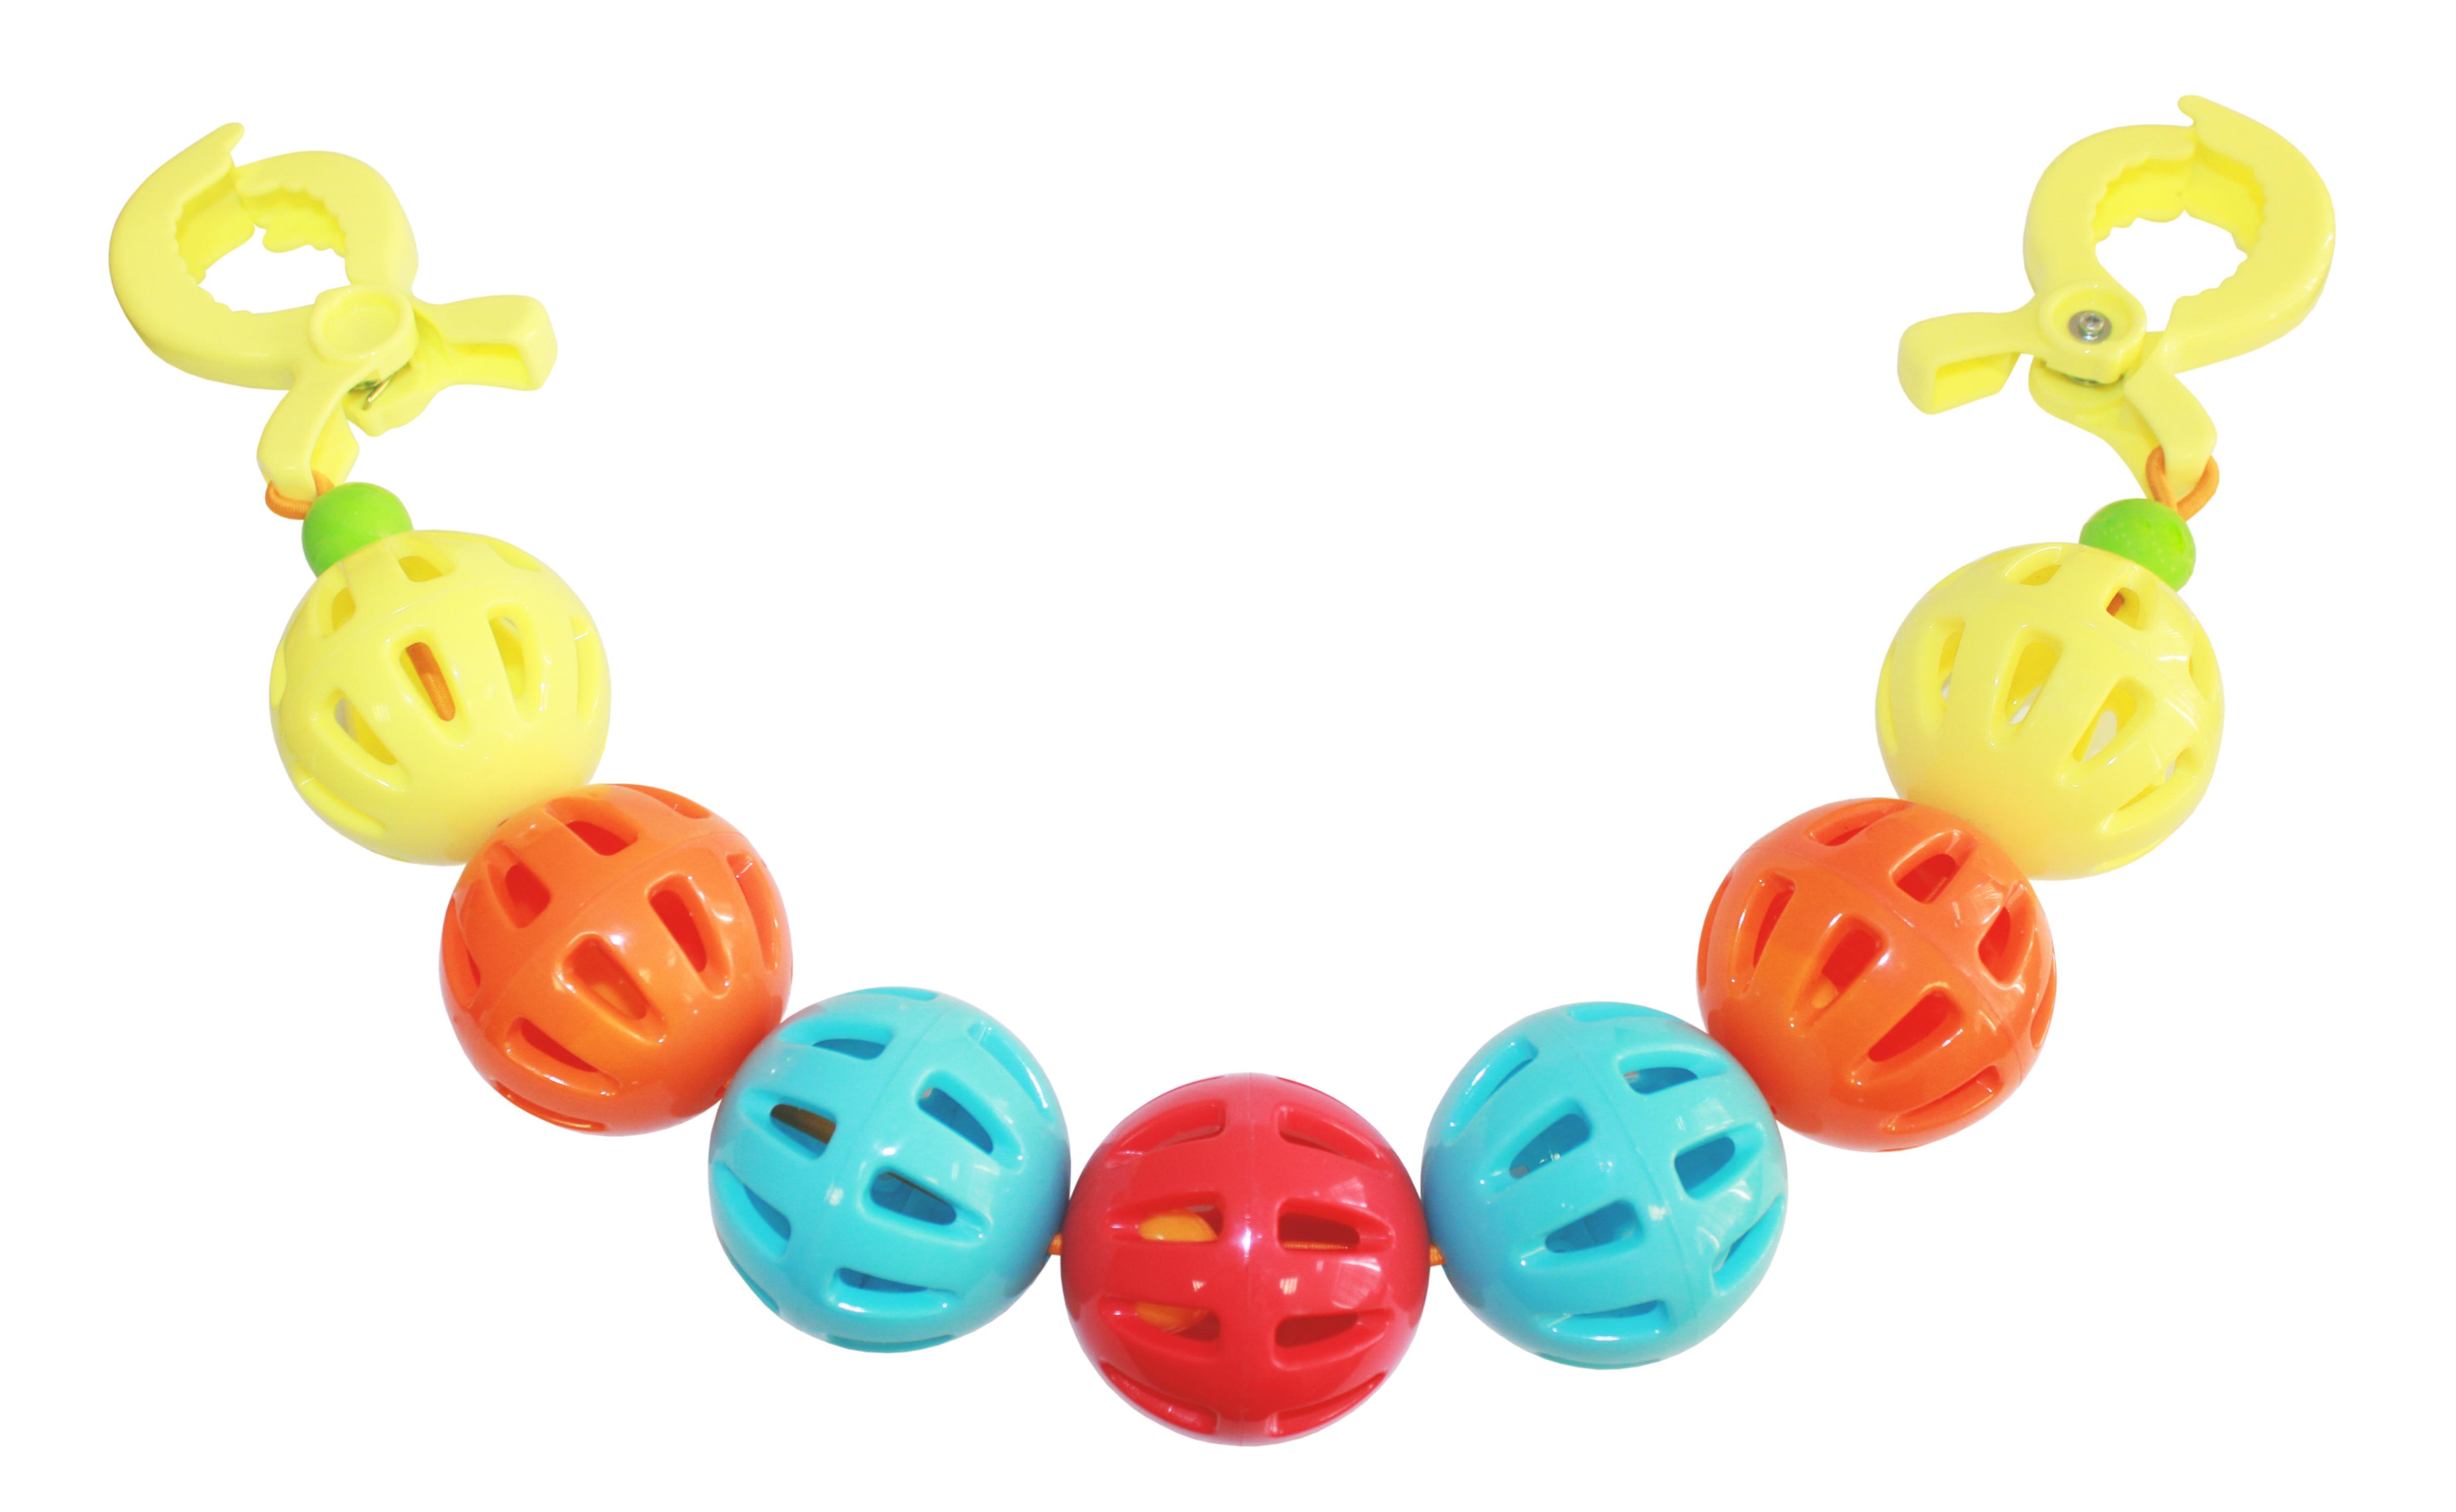 Фото - Подвеска Пластмастер Чудо-шарики игры и игрушки в дорогу пластмастер подвеска на коляску пластмастер нежность